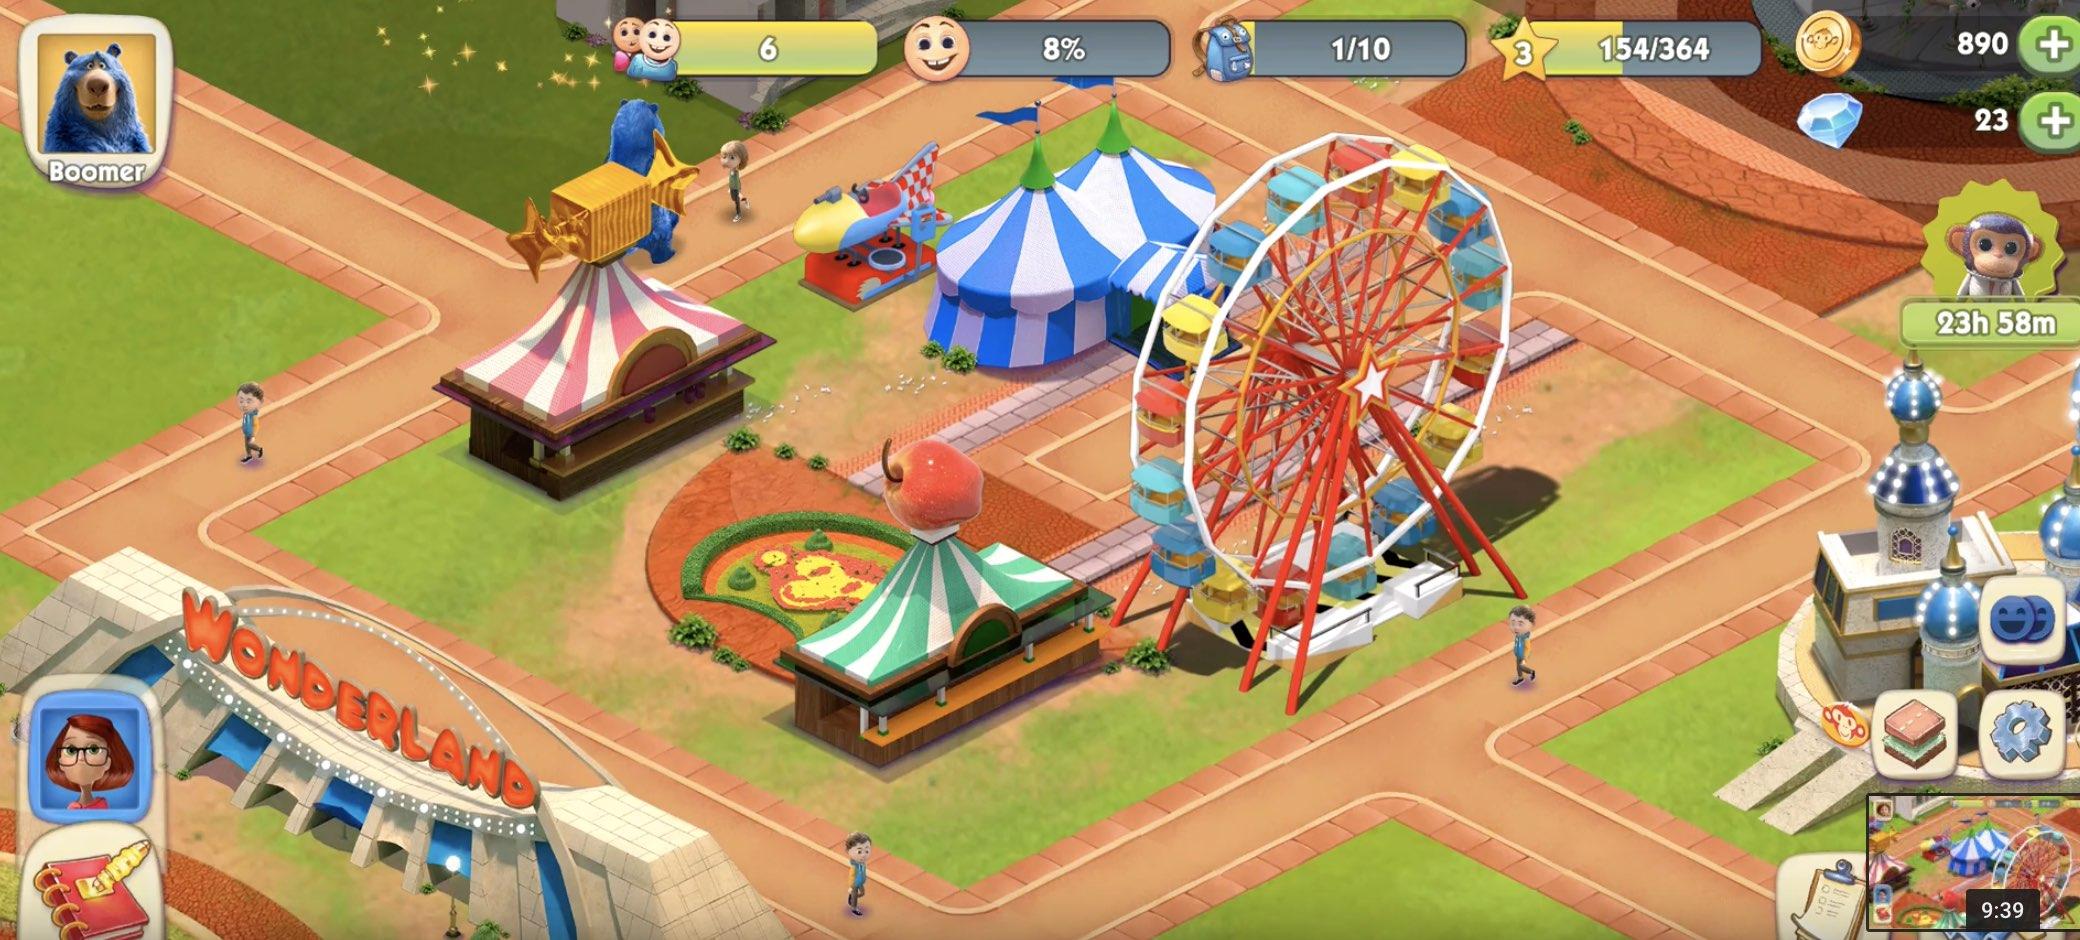 Wonder Park Magic Rides tutorial